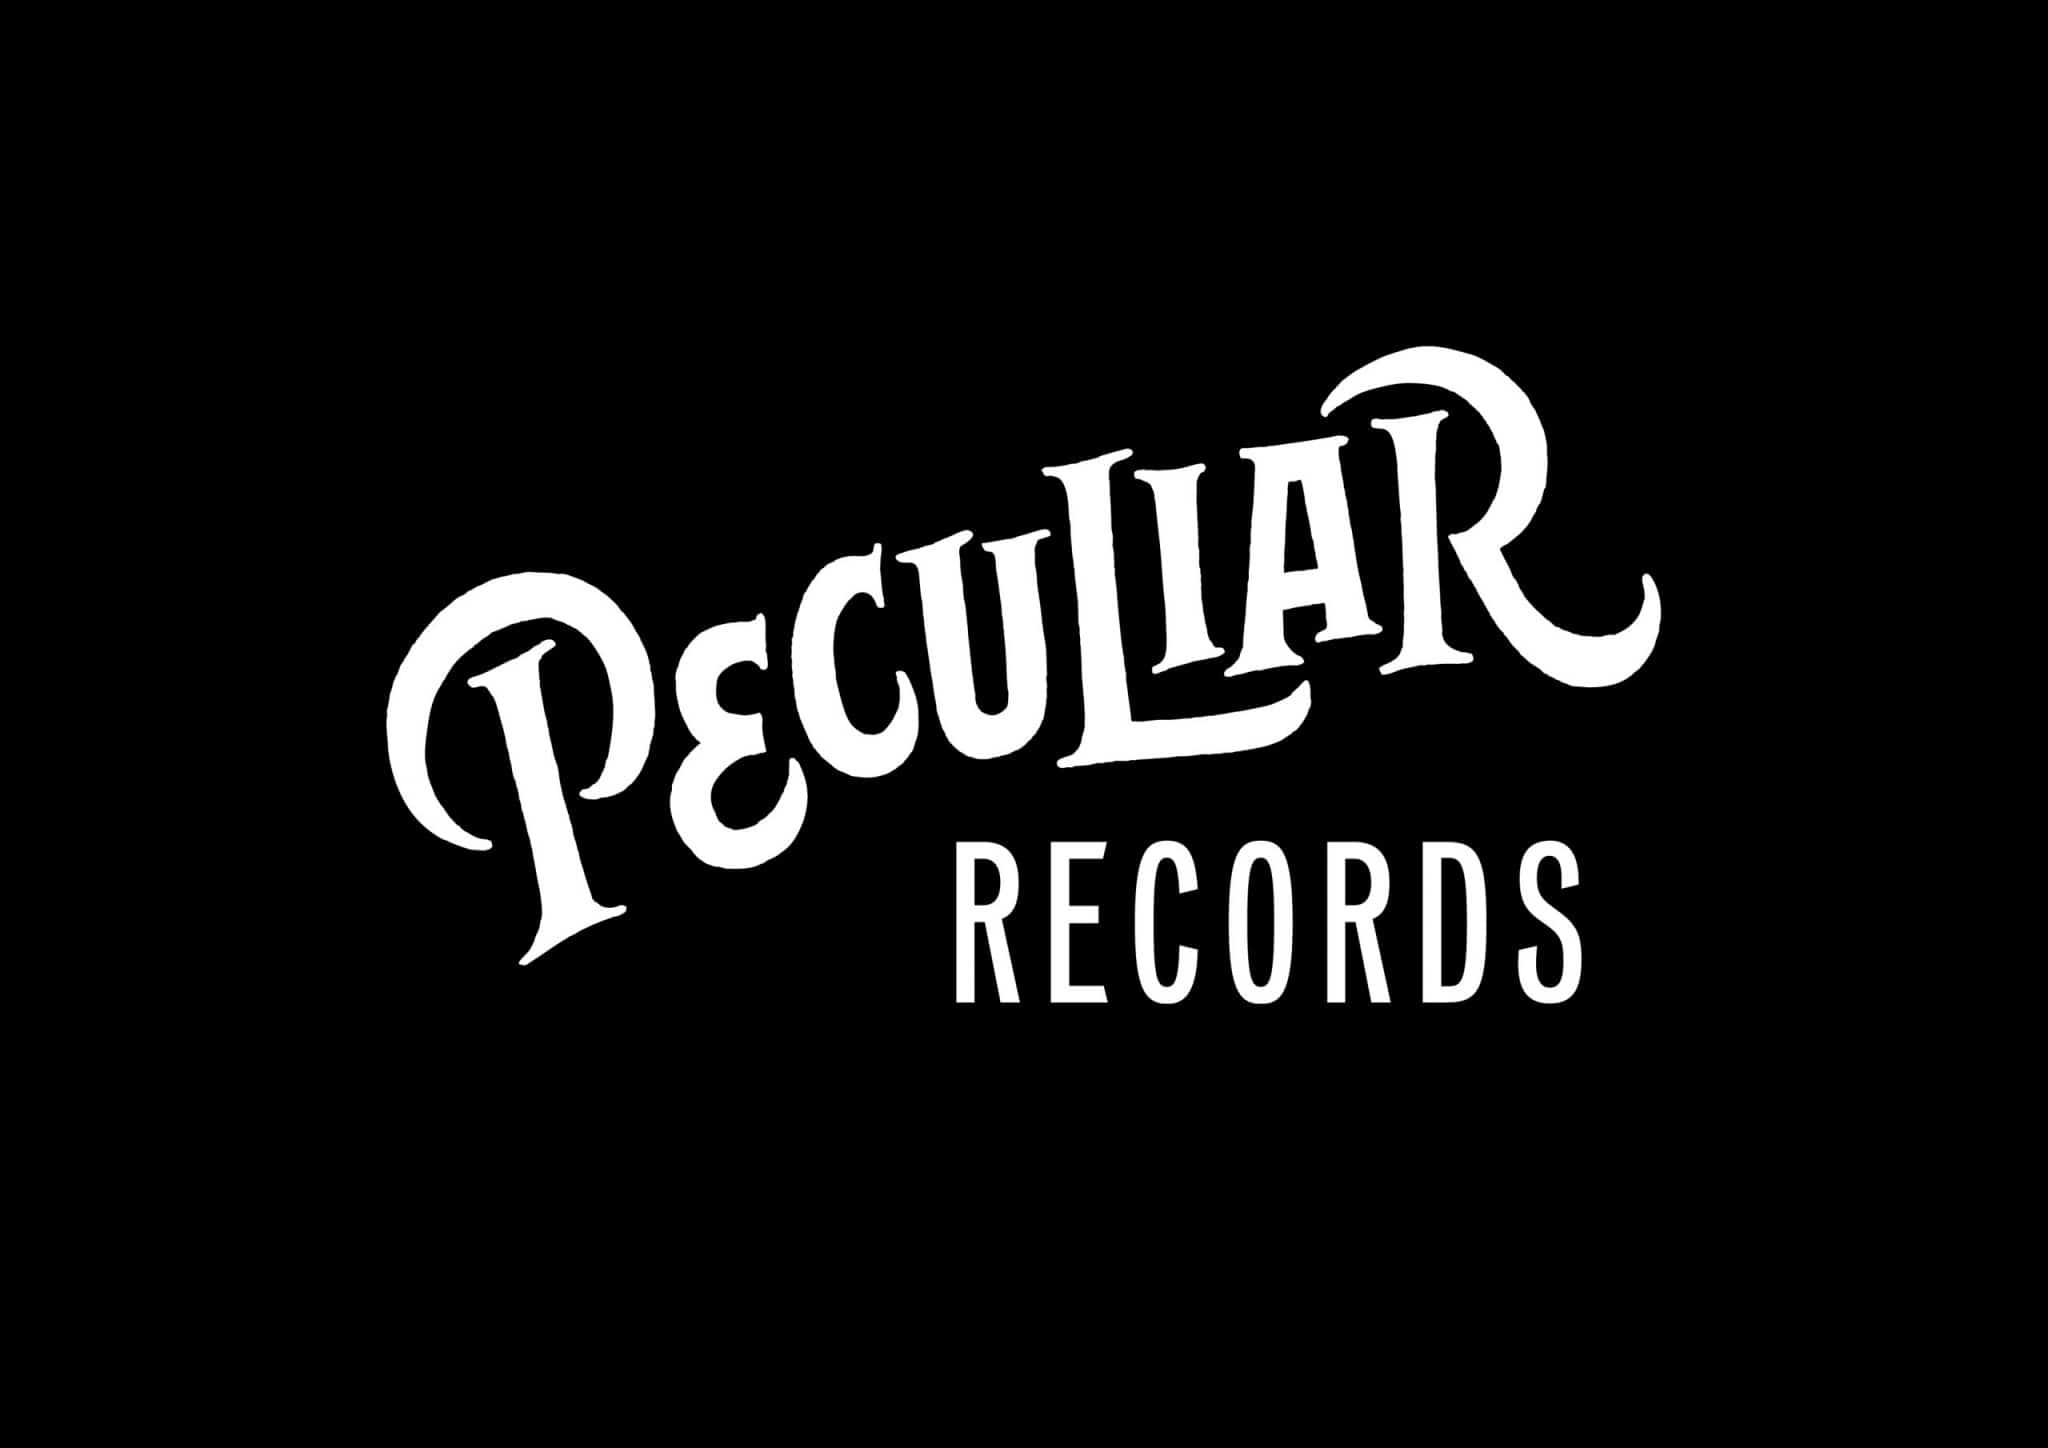 Peculiar Records logo